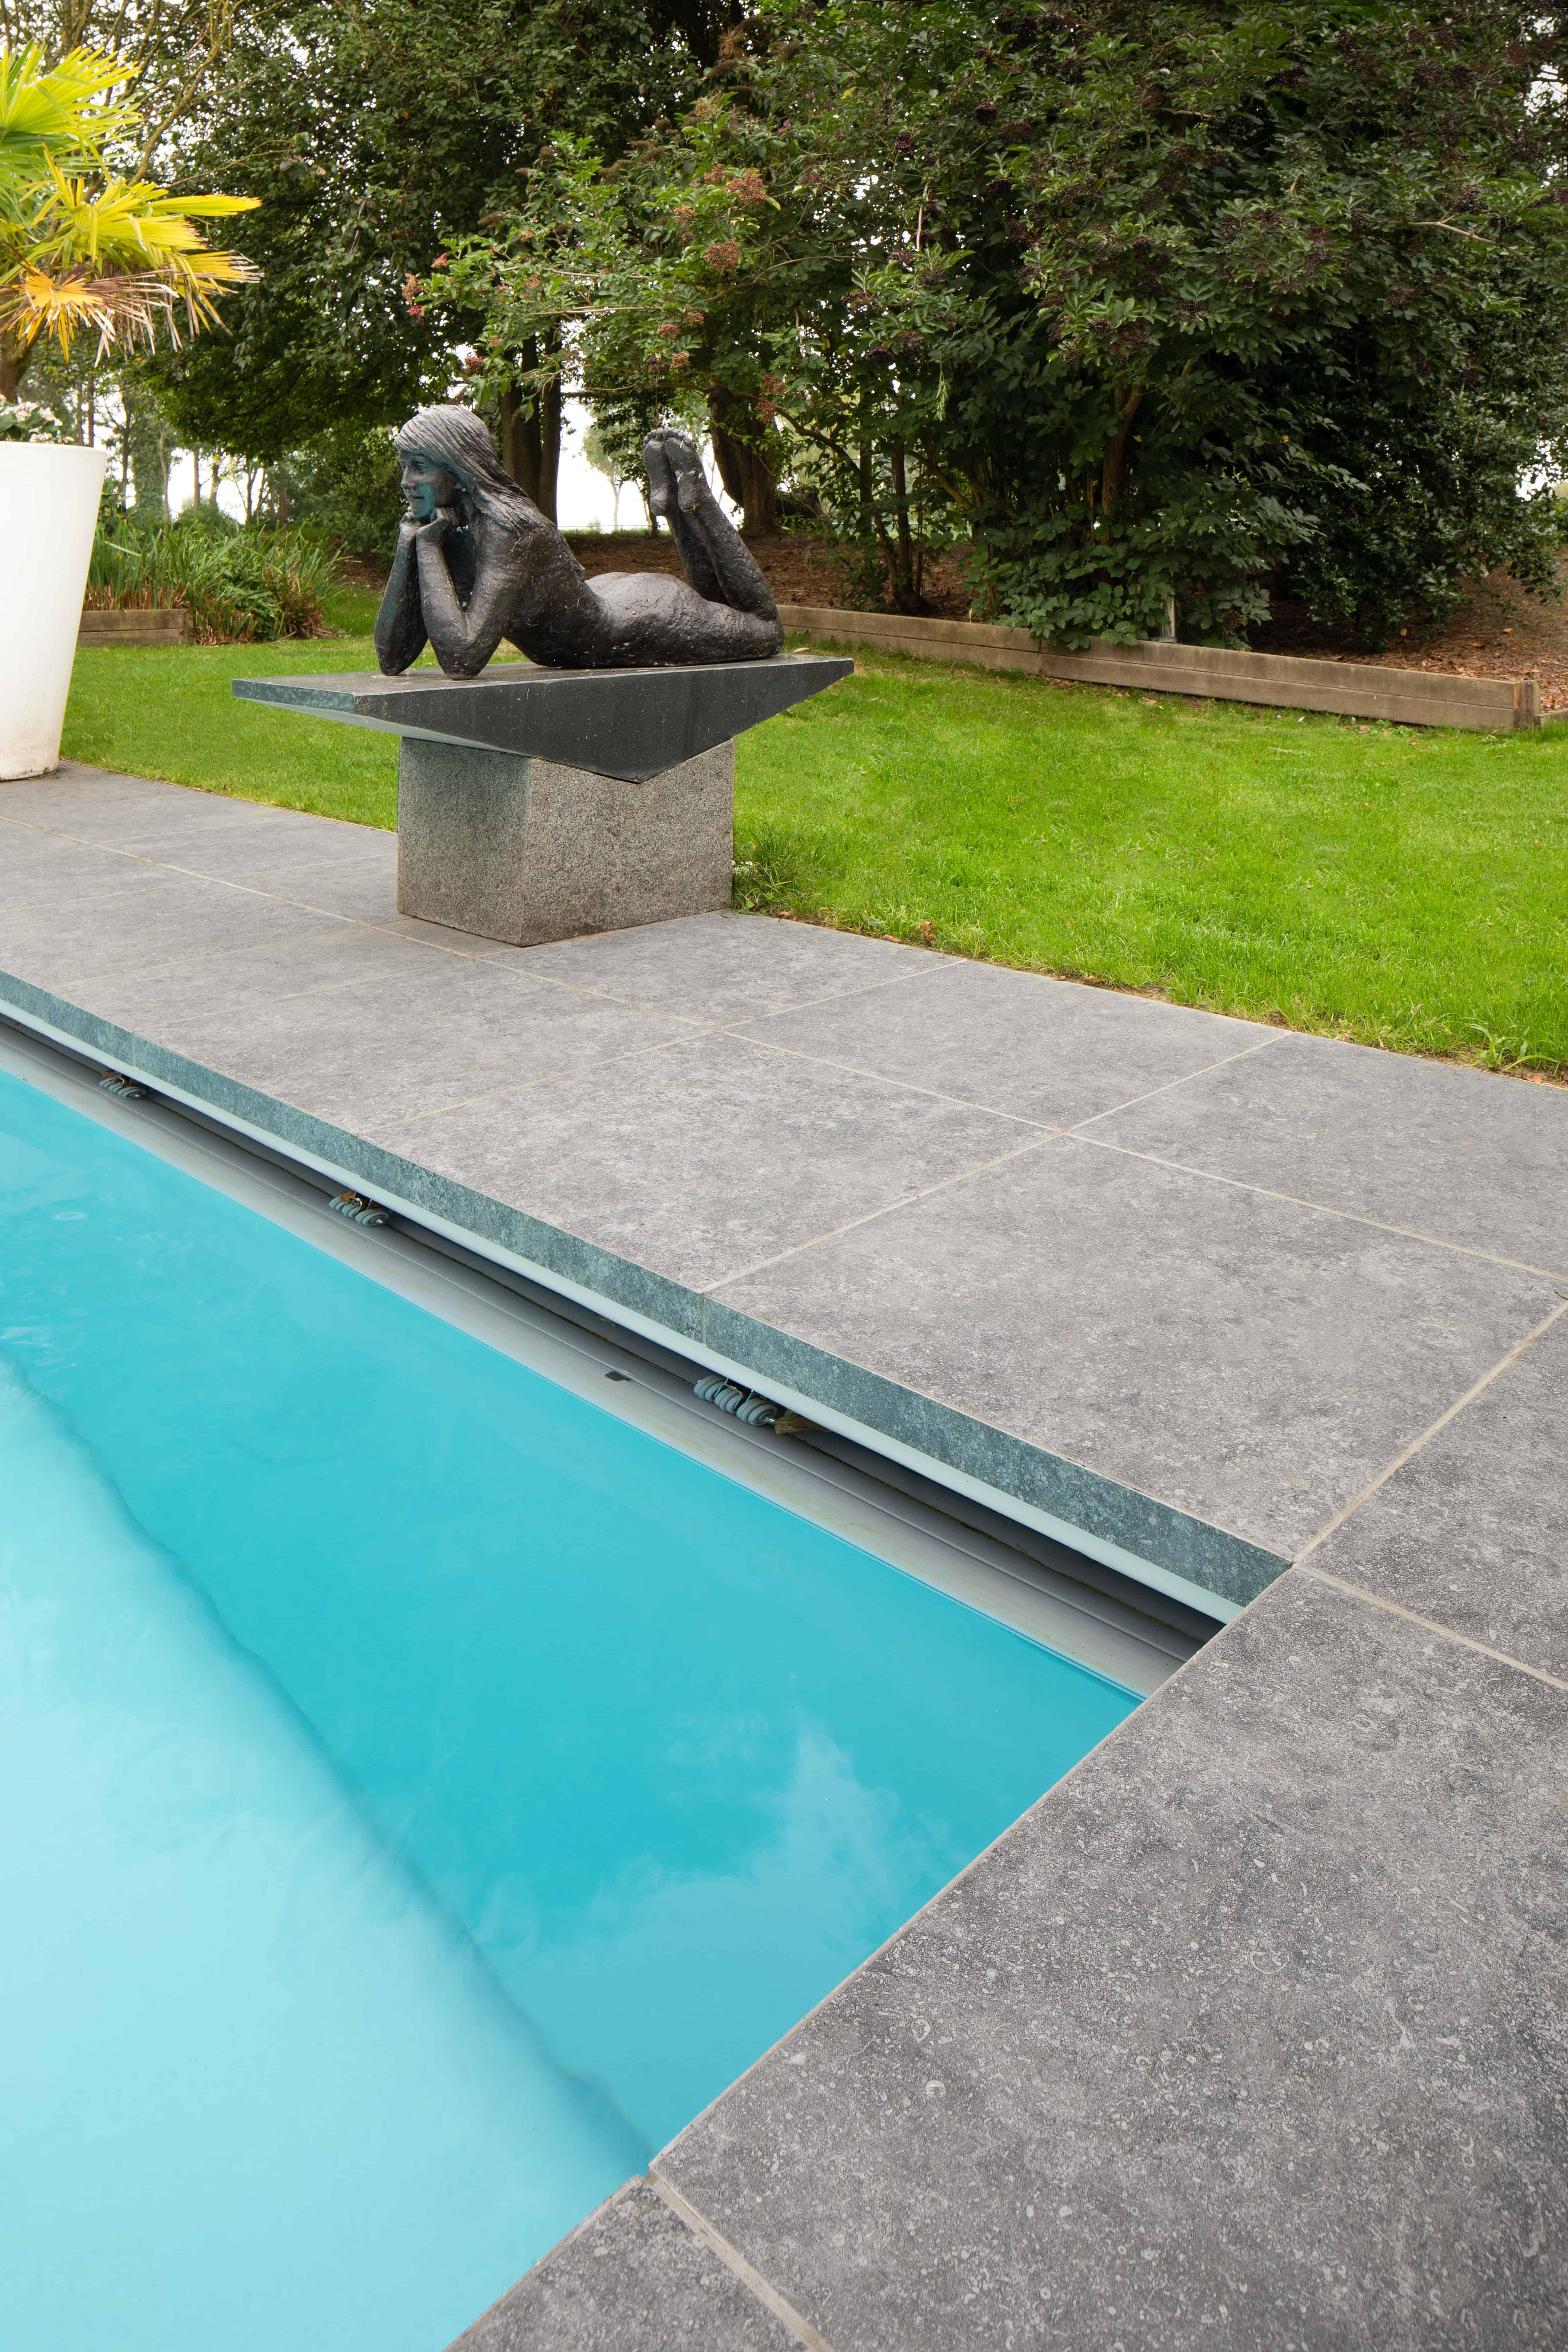 XXL tegels aan zwembad - Torhout